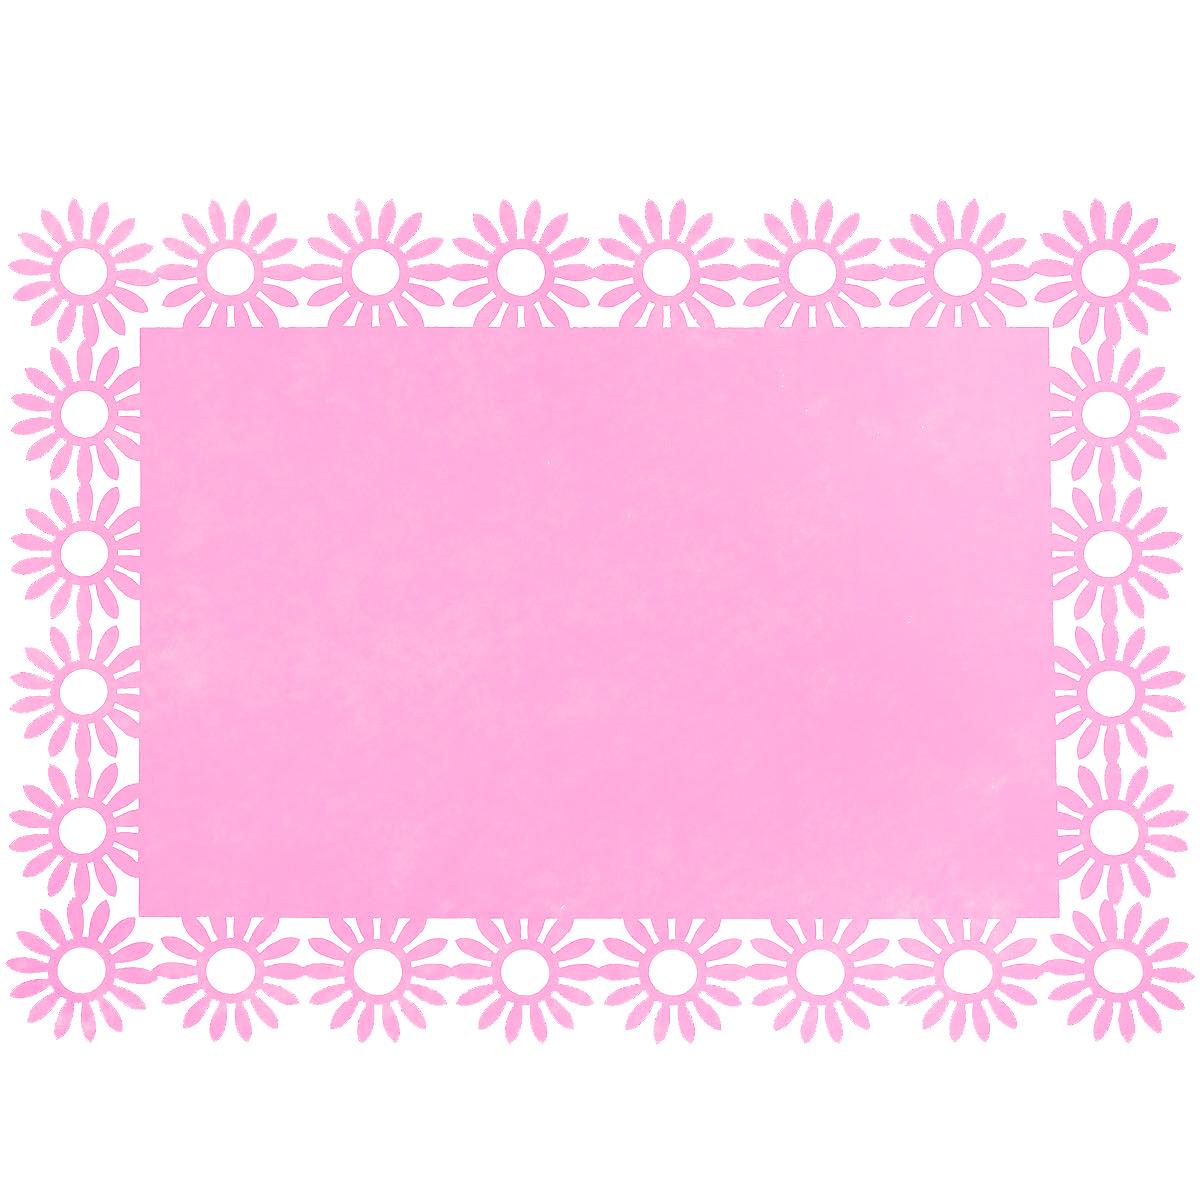 Салфетка Home Queen Веселый праздник, цвет: розовый, 30 х 40 см115610Прямоугольная салфетка Home Queen Веселый праздник выполнена из фетра и имеет красивую перфорацию по краям. Вы можете использовать салфетку для декорирования стола, комода, журнального столика. В любом случае она добавит в ваш дом стиля, изысканности и неповторимости и убережет мебель от царапин и потертостей. Размер салфетки: 30 см х 40 см х 0,2 см.